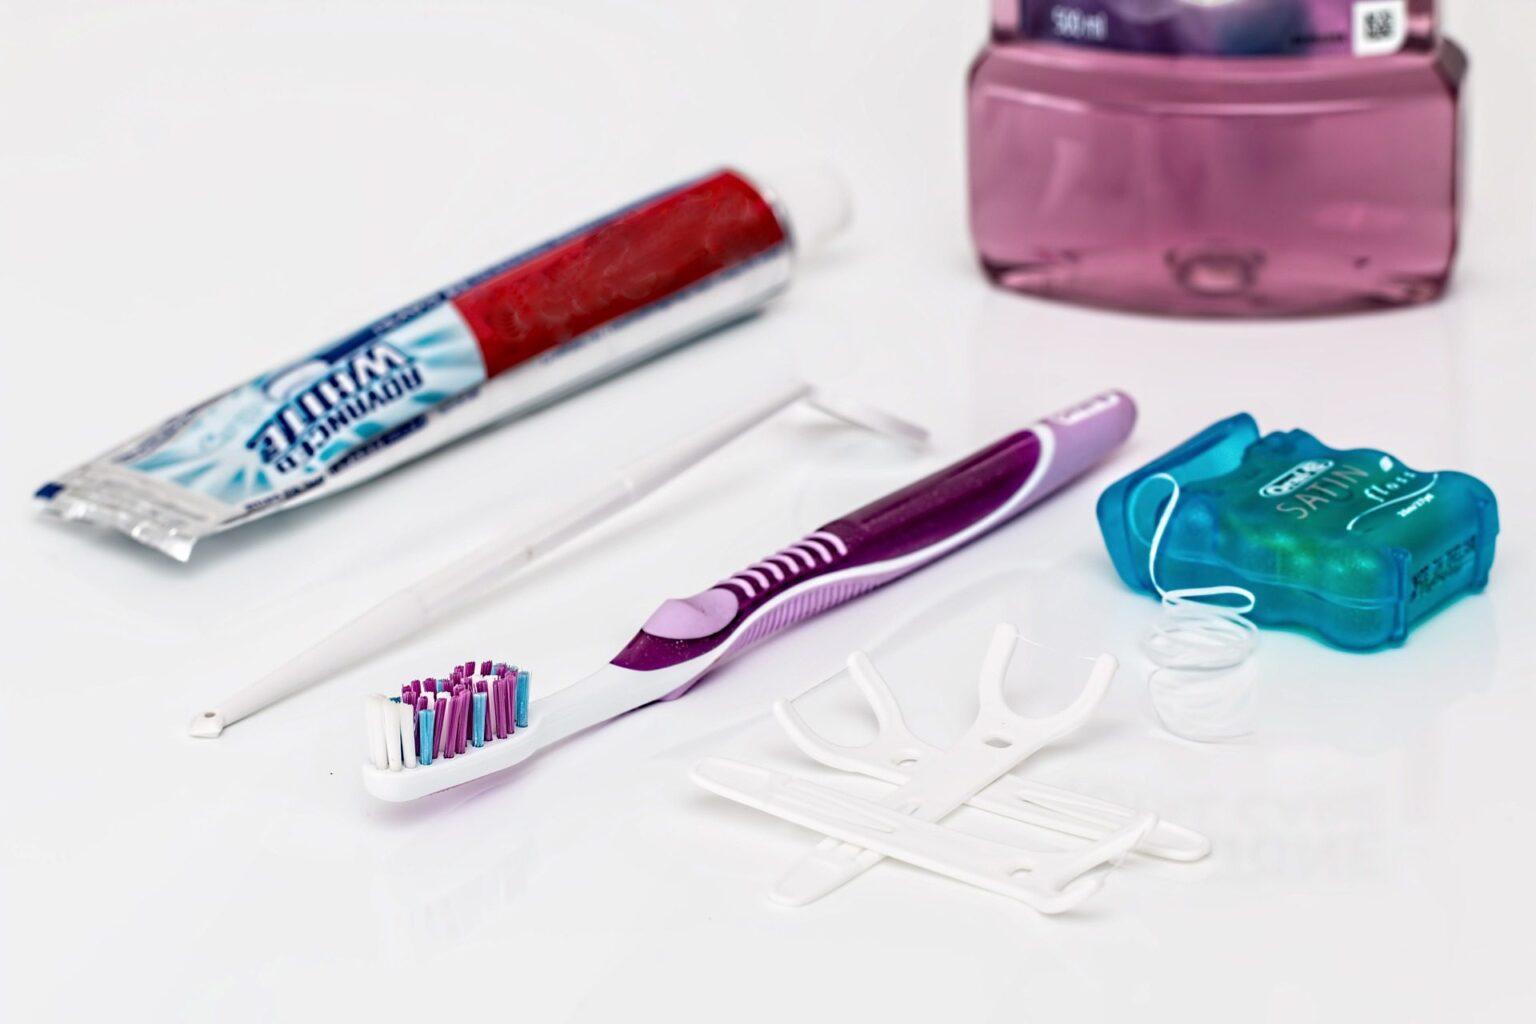 Hilo dental: ¿cómo usarlo correctamente?